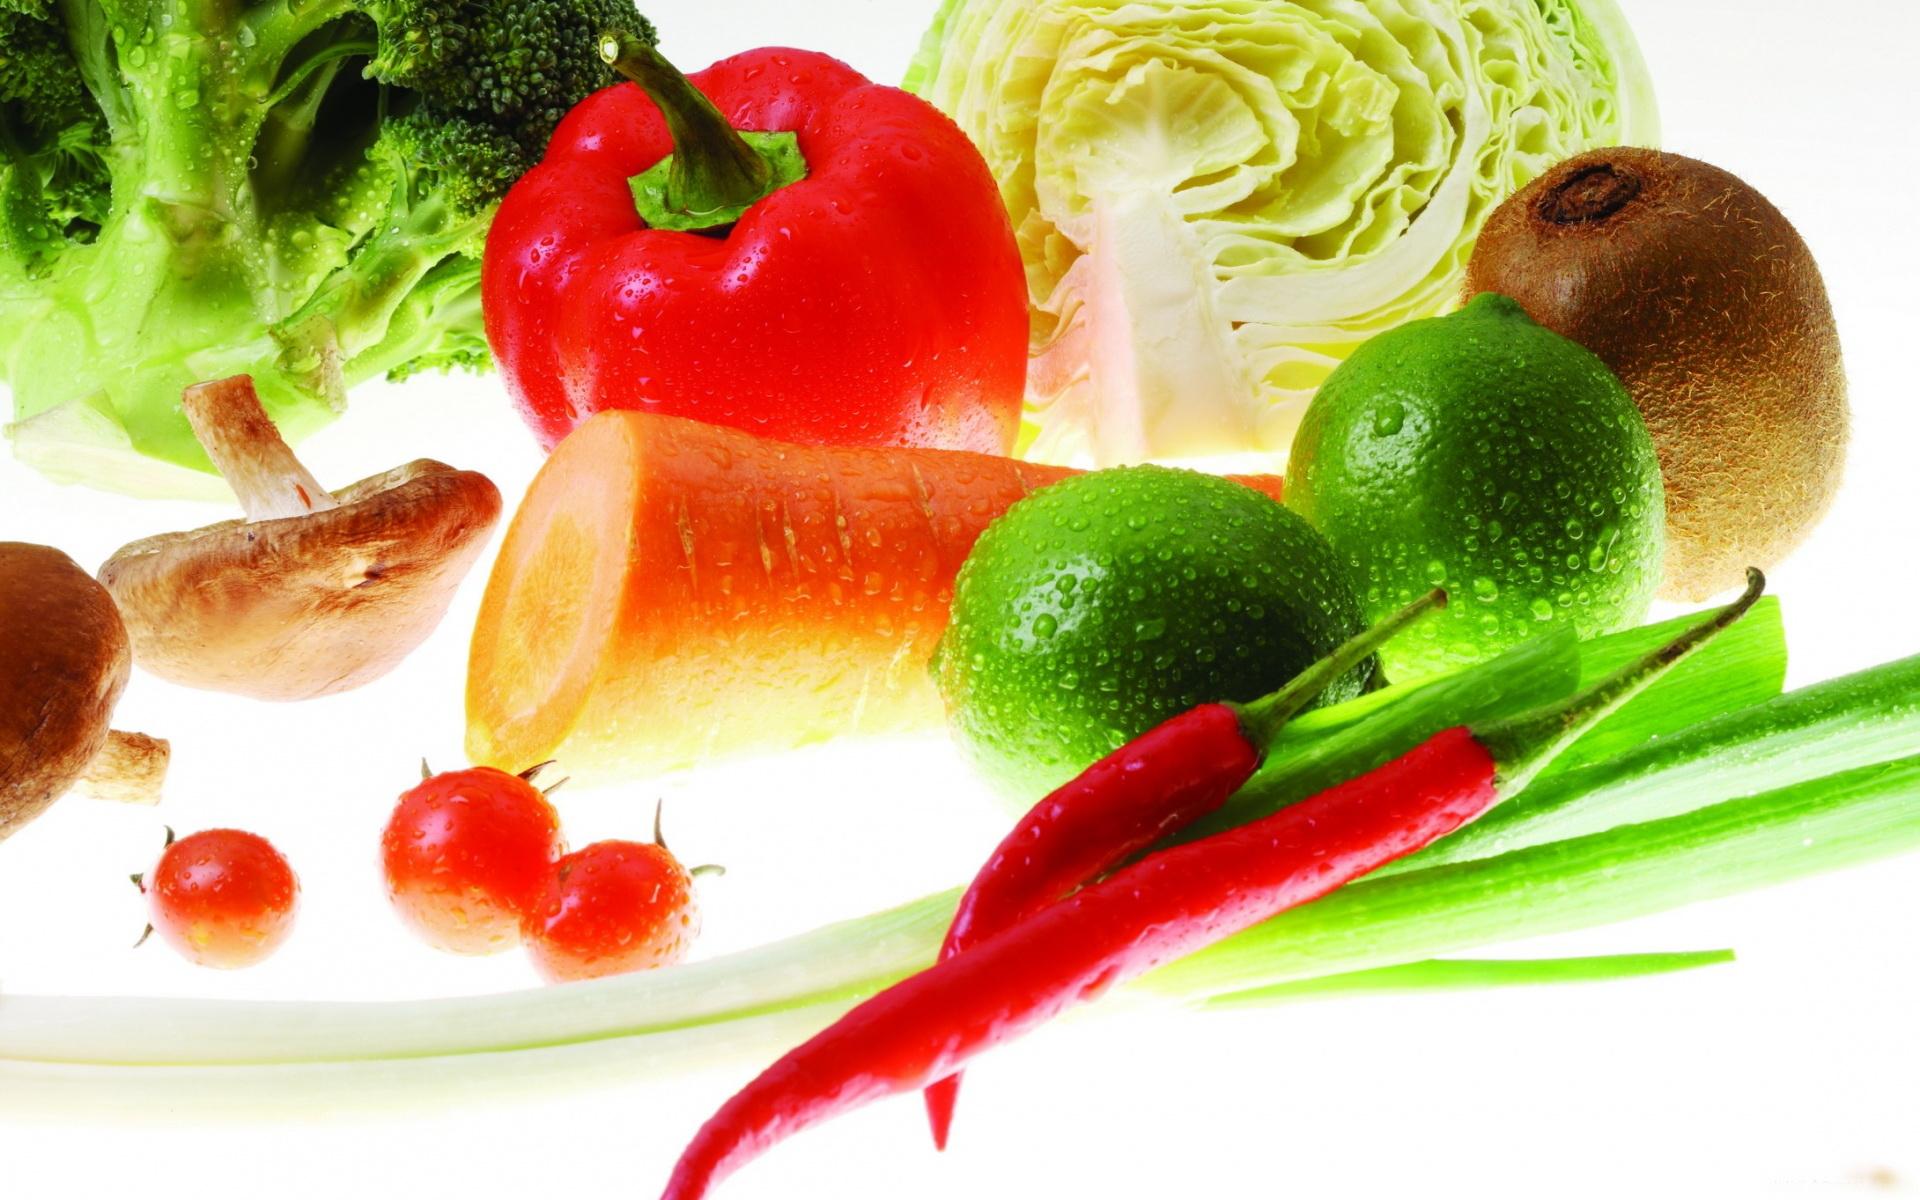 Vegetable Wallpaper for Pinterest 1920x1200